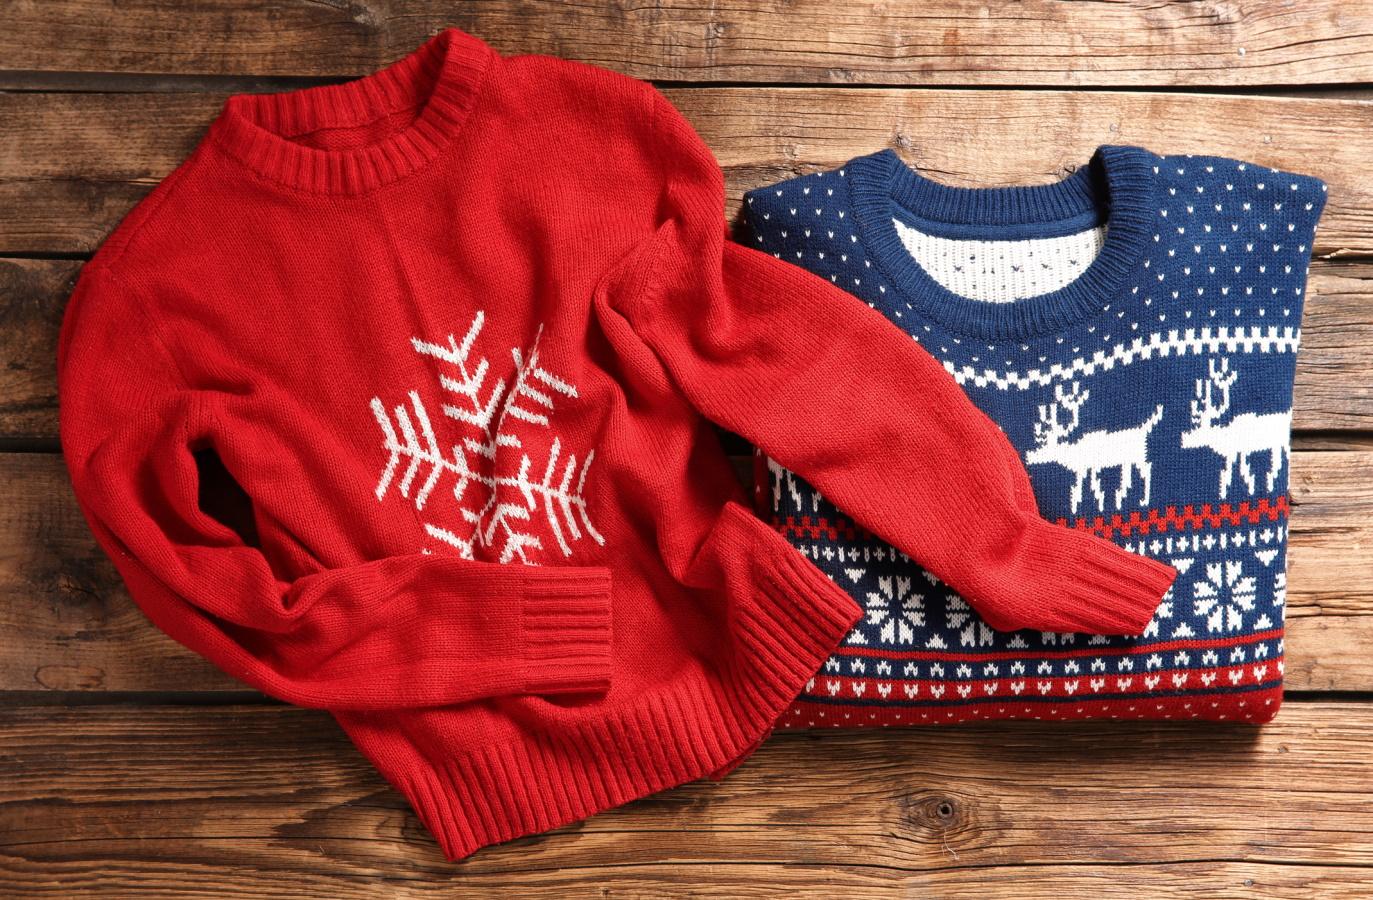 <p>Пуловер с коледна тематика за двама</p>  <p>Това е перфектният подарък за най-добър приятел или гадже. И тук можете да закупите подобен и за вас. Няма по-забавно нещо от това да излезете с приятел навън и да сте с еднакви пуловери.</p>